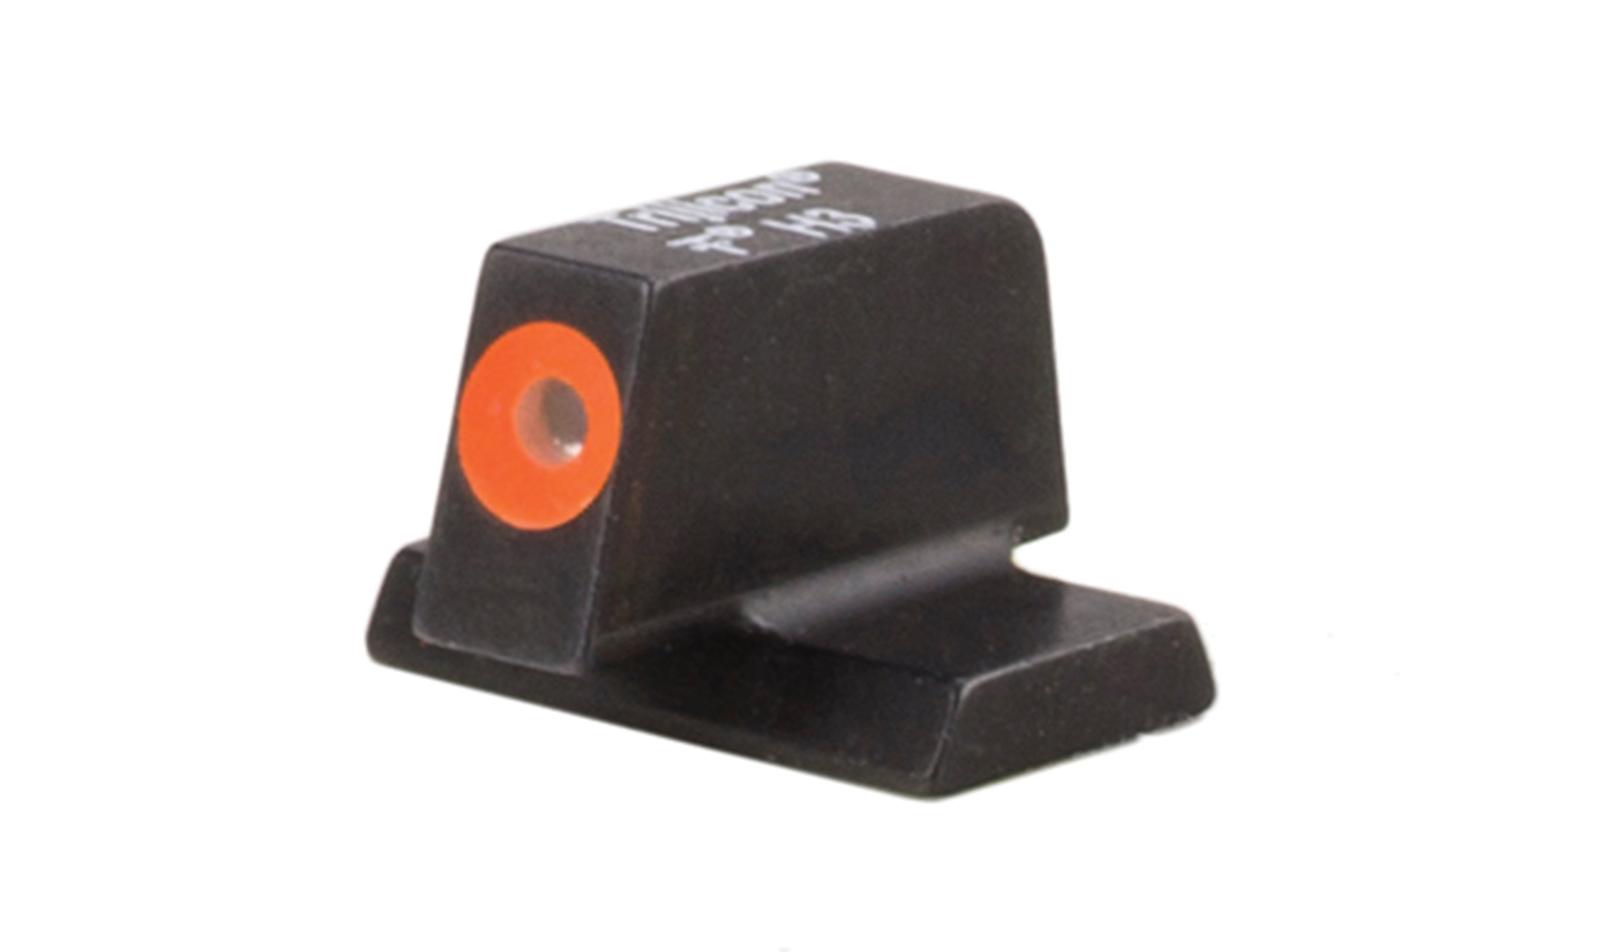 SA639-C-600858 angle 1